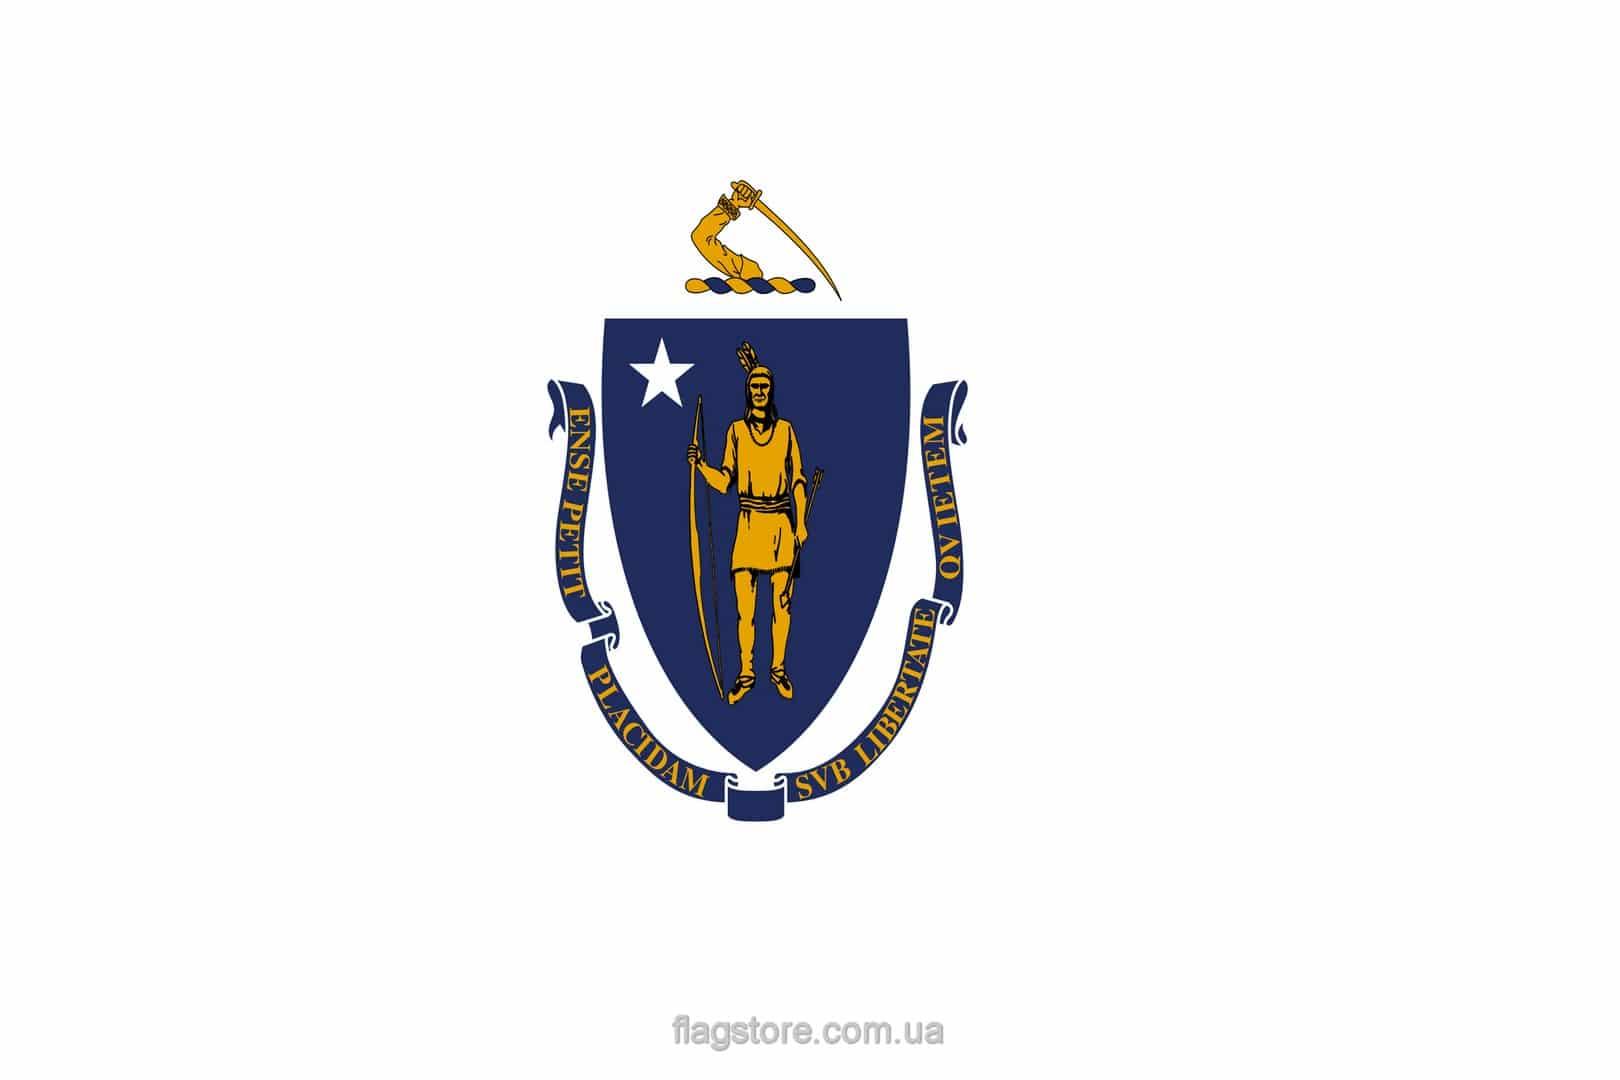 Купить флаг Массачусетса (штата Массачусетс)